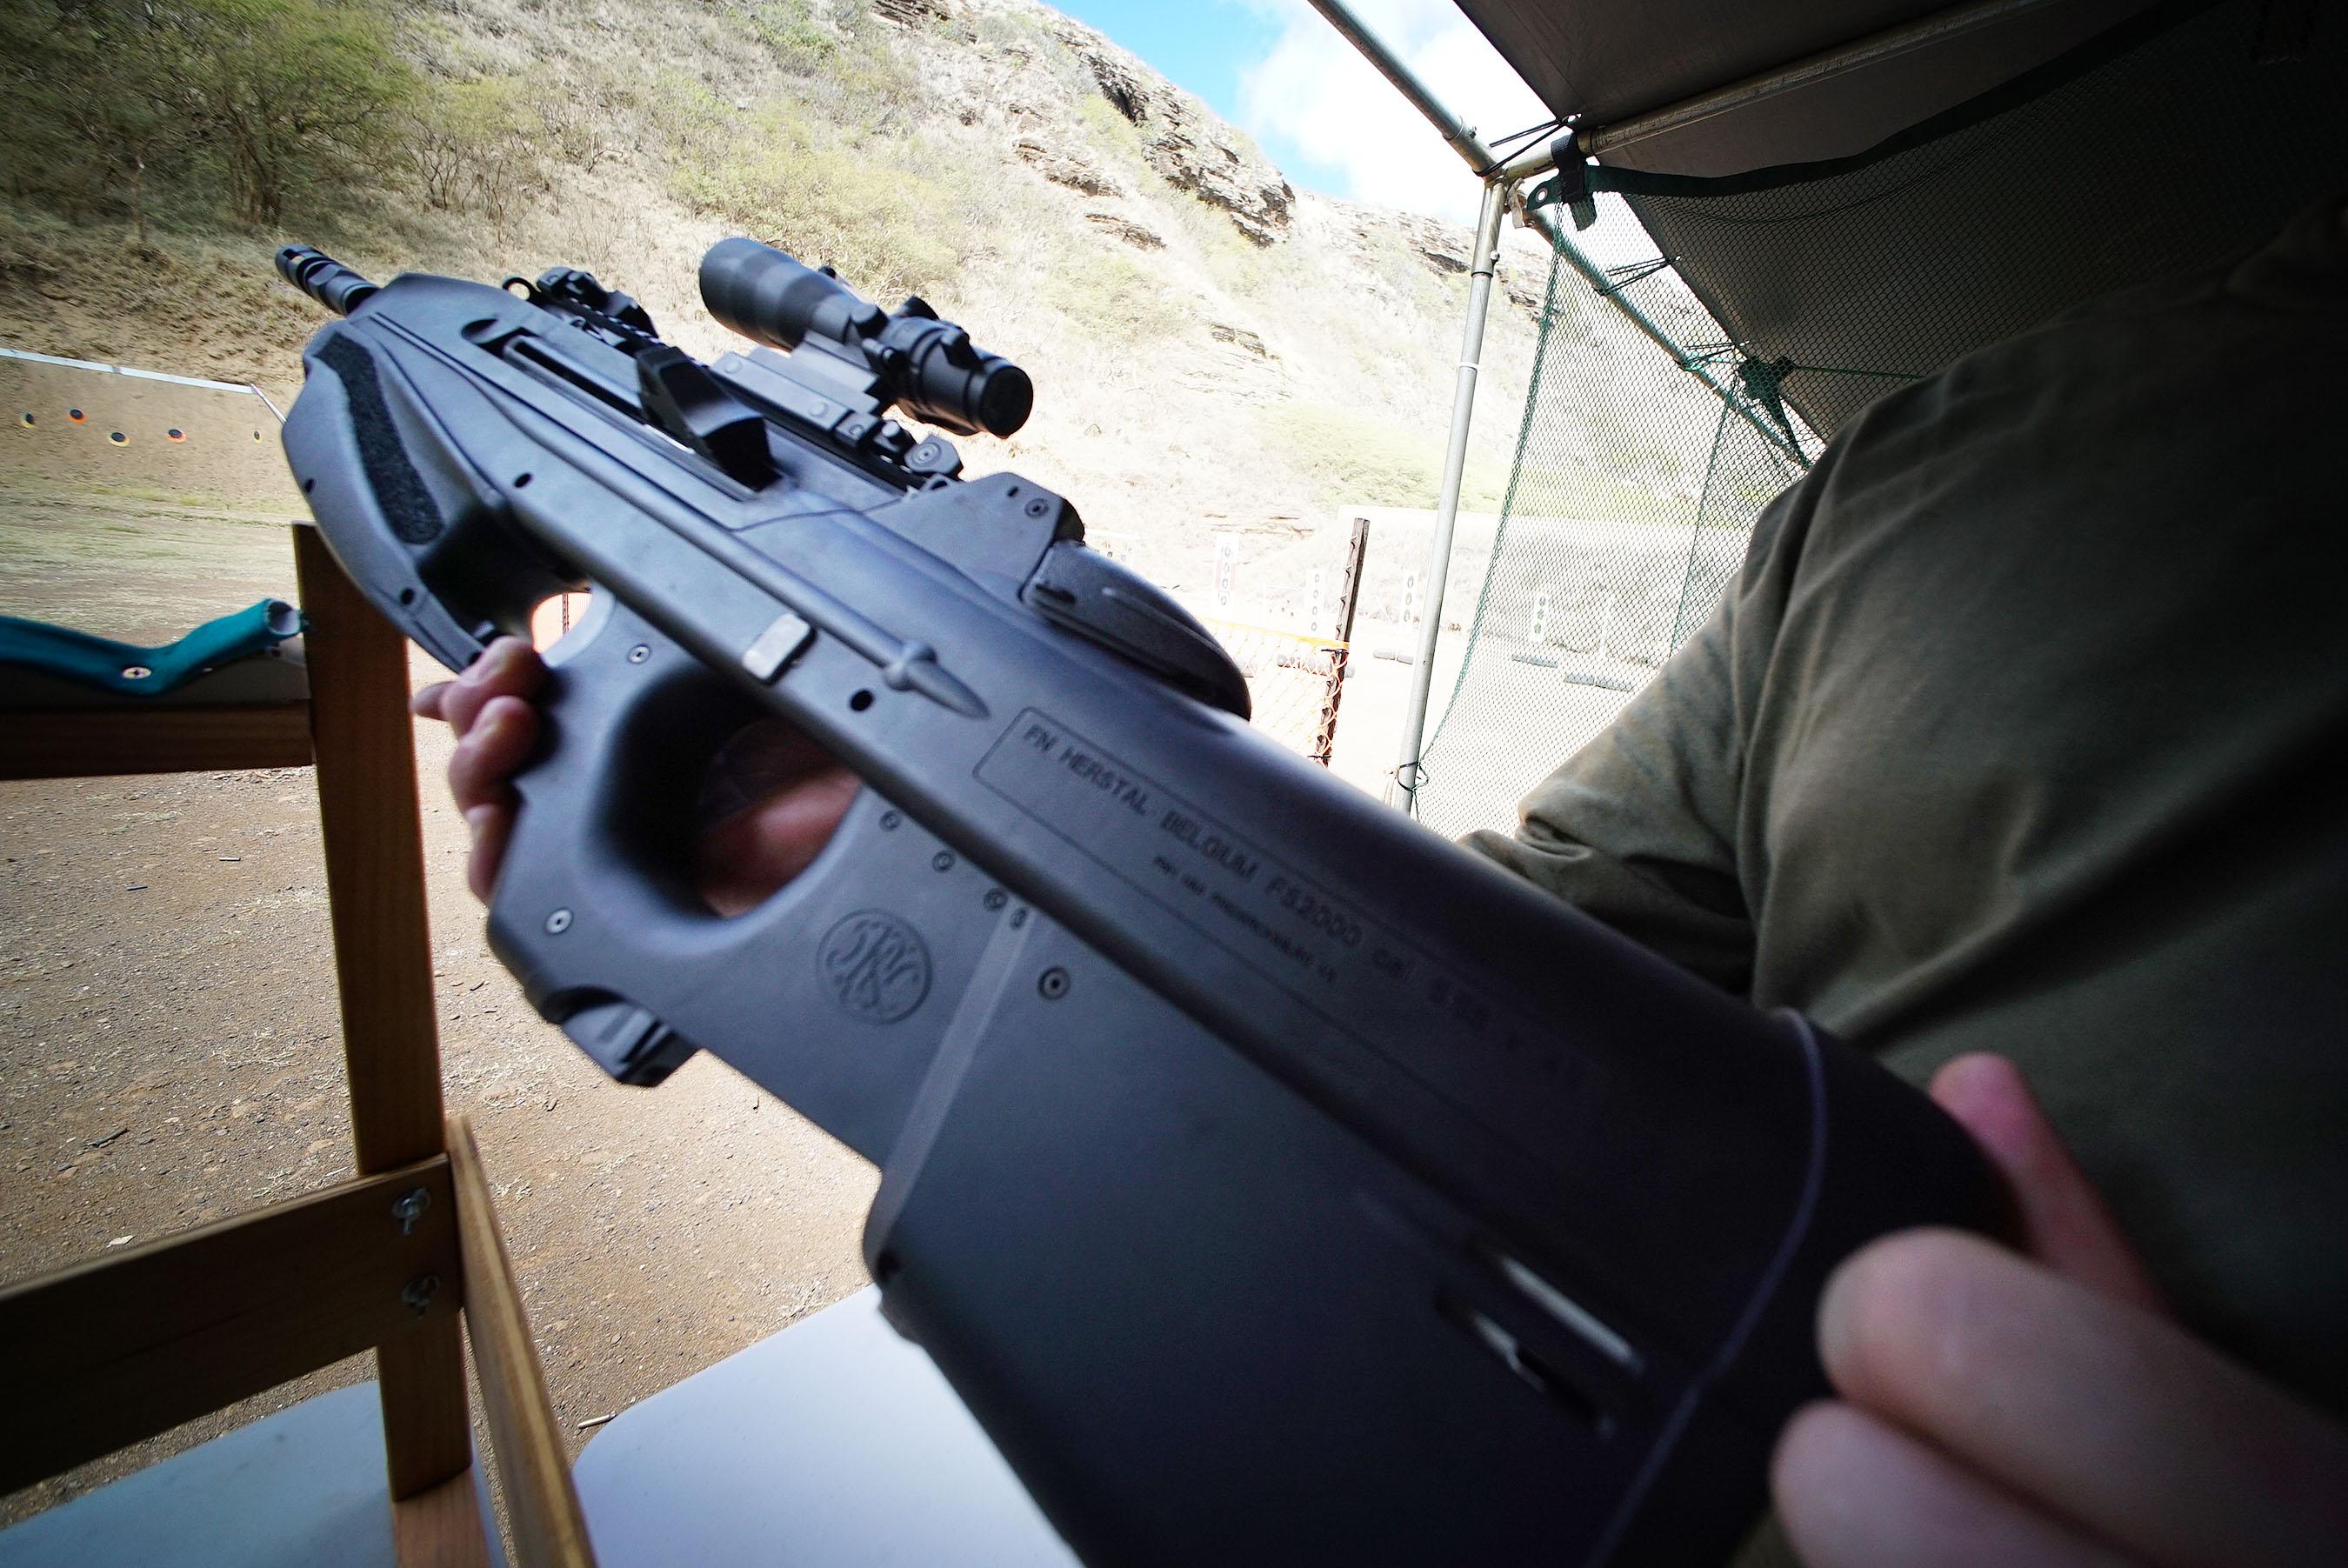 <p>An FN Herstal FS2000 5.56mm assault rifle at the Shooting Sports Fair.</p>